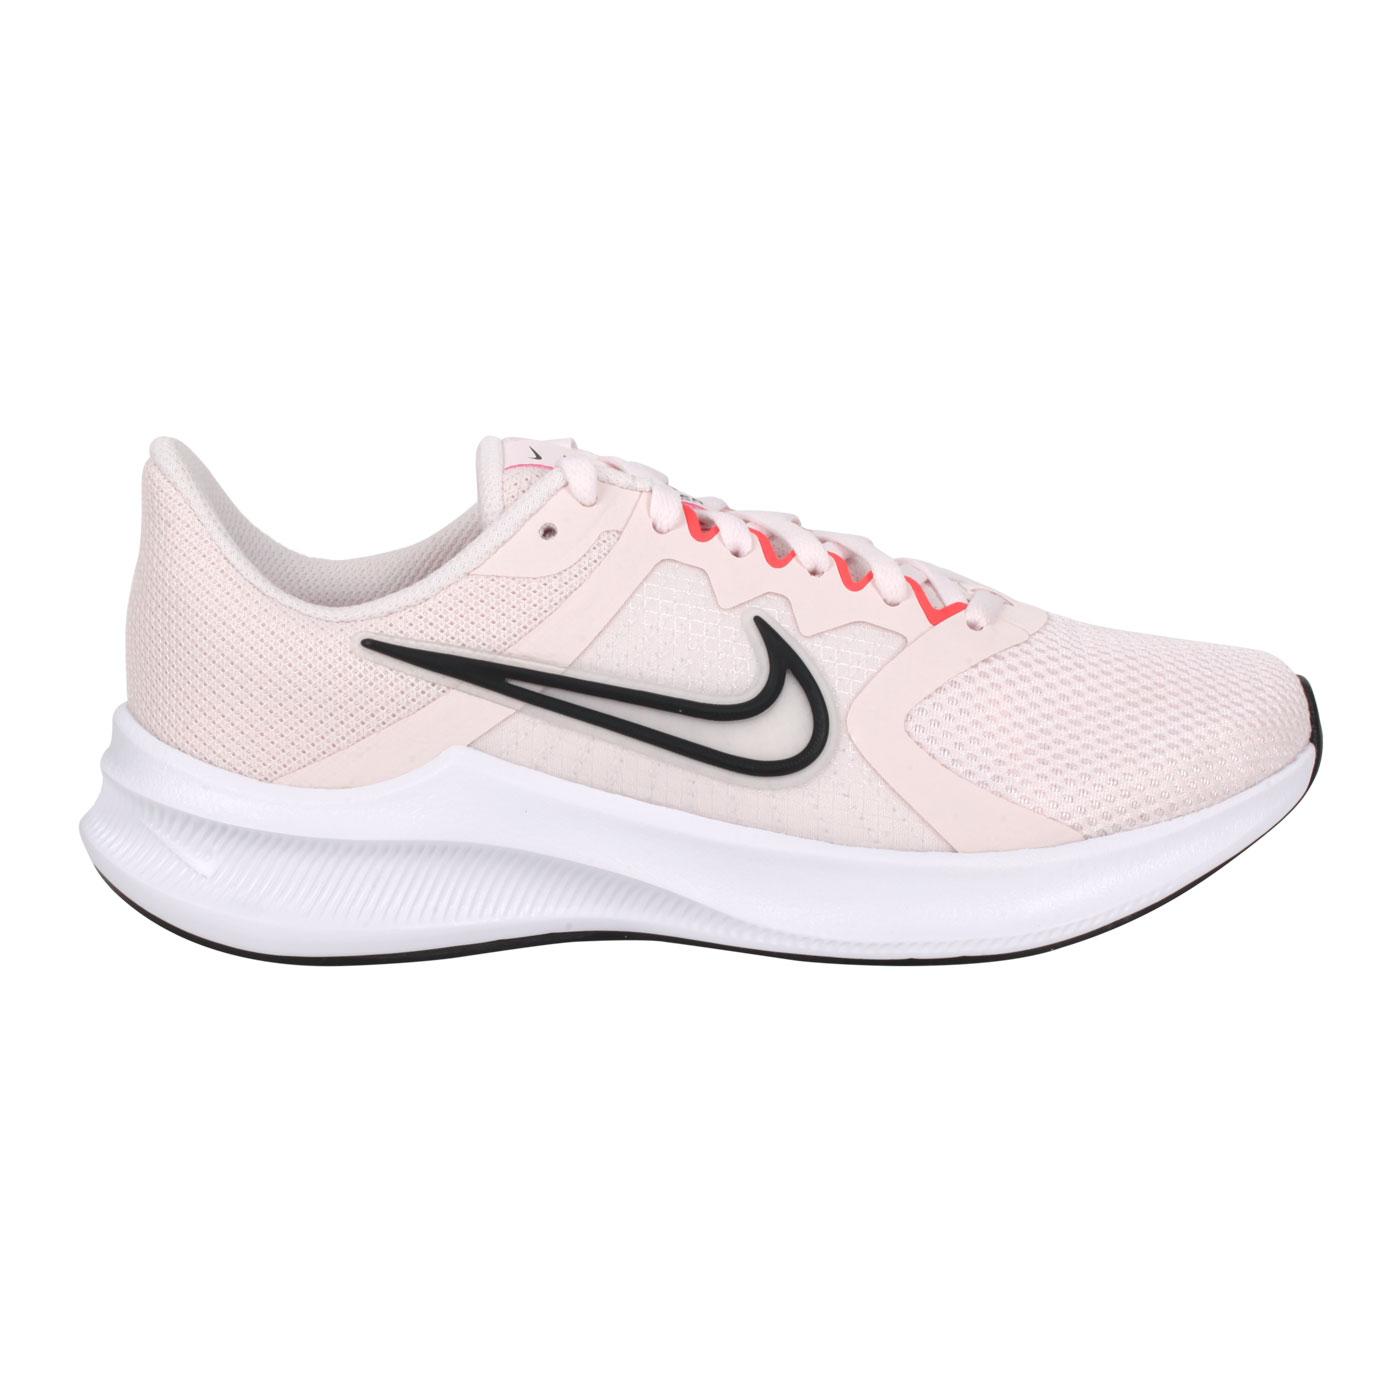 NIKE 女款運動休閒鞋  @WMNS DOWNSHIFTER 11@CW3413601